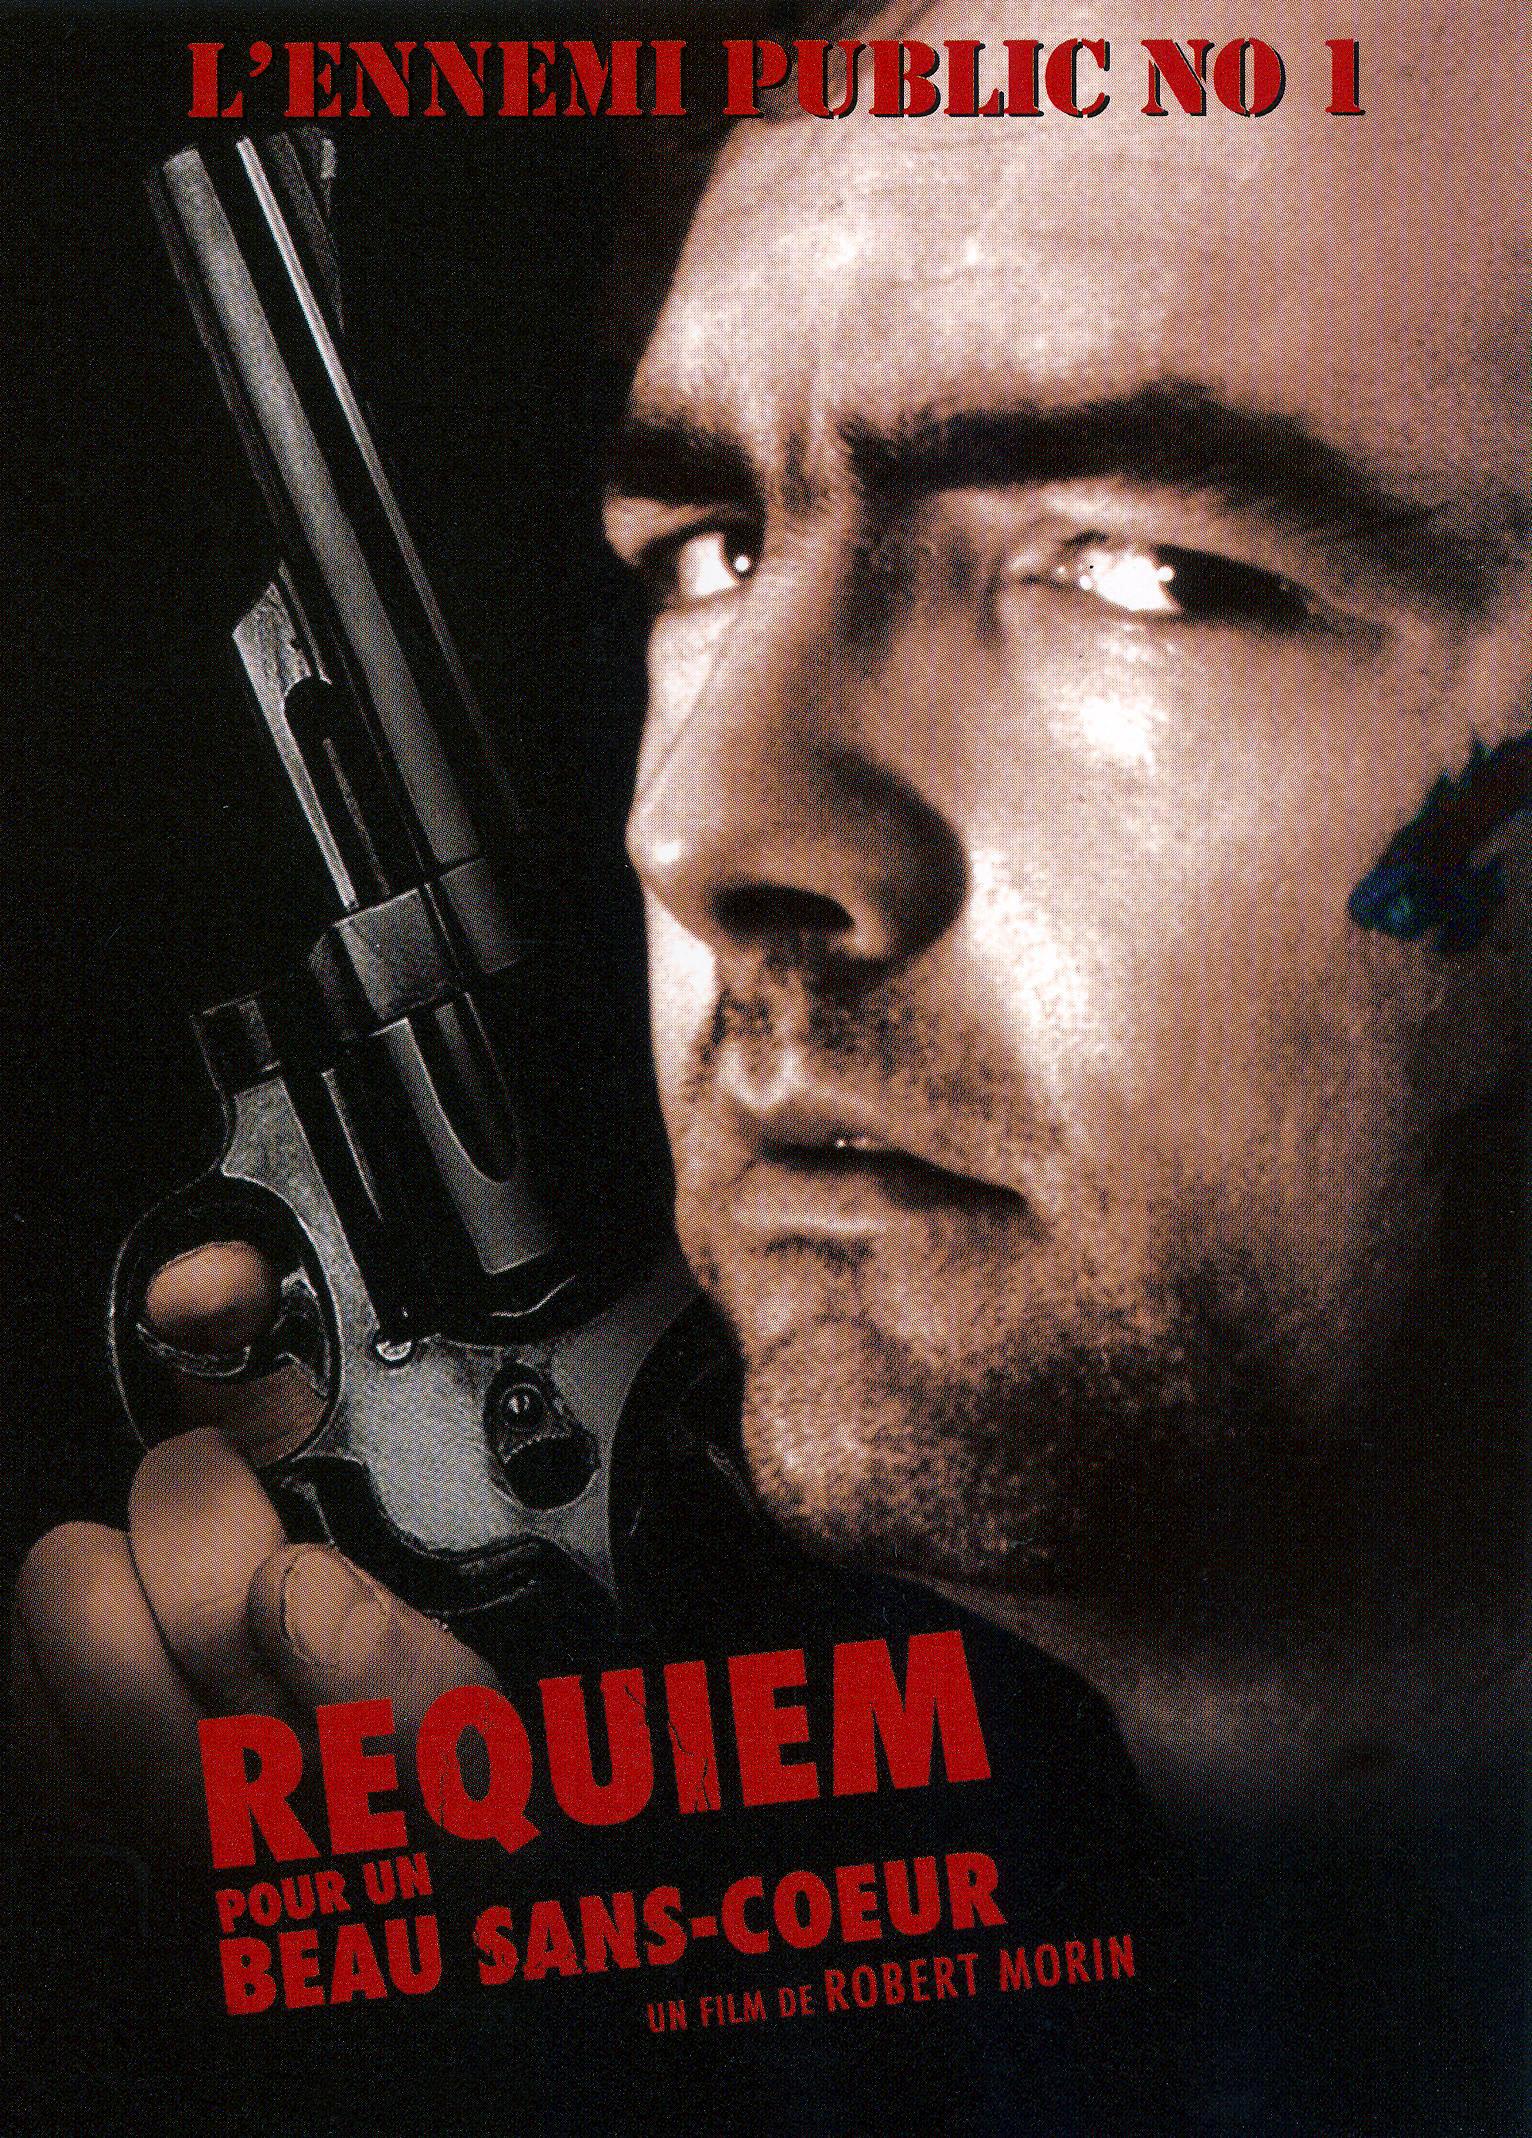 Requiem Pour un Beau Sans-Coeur